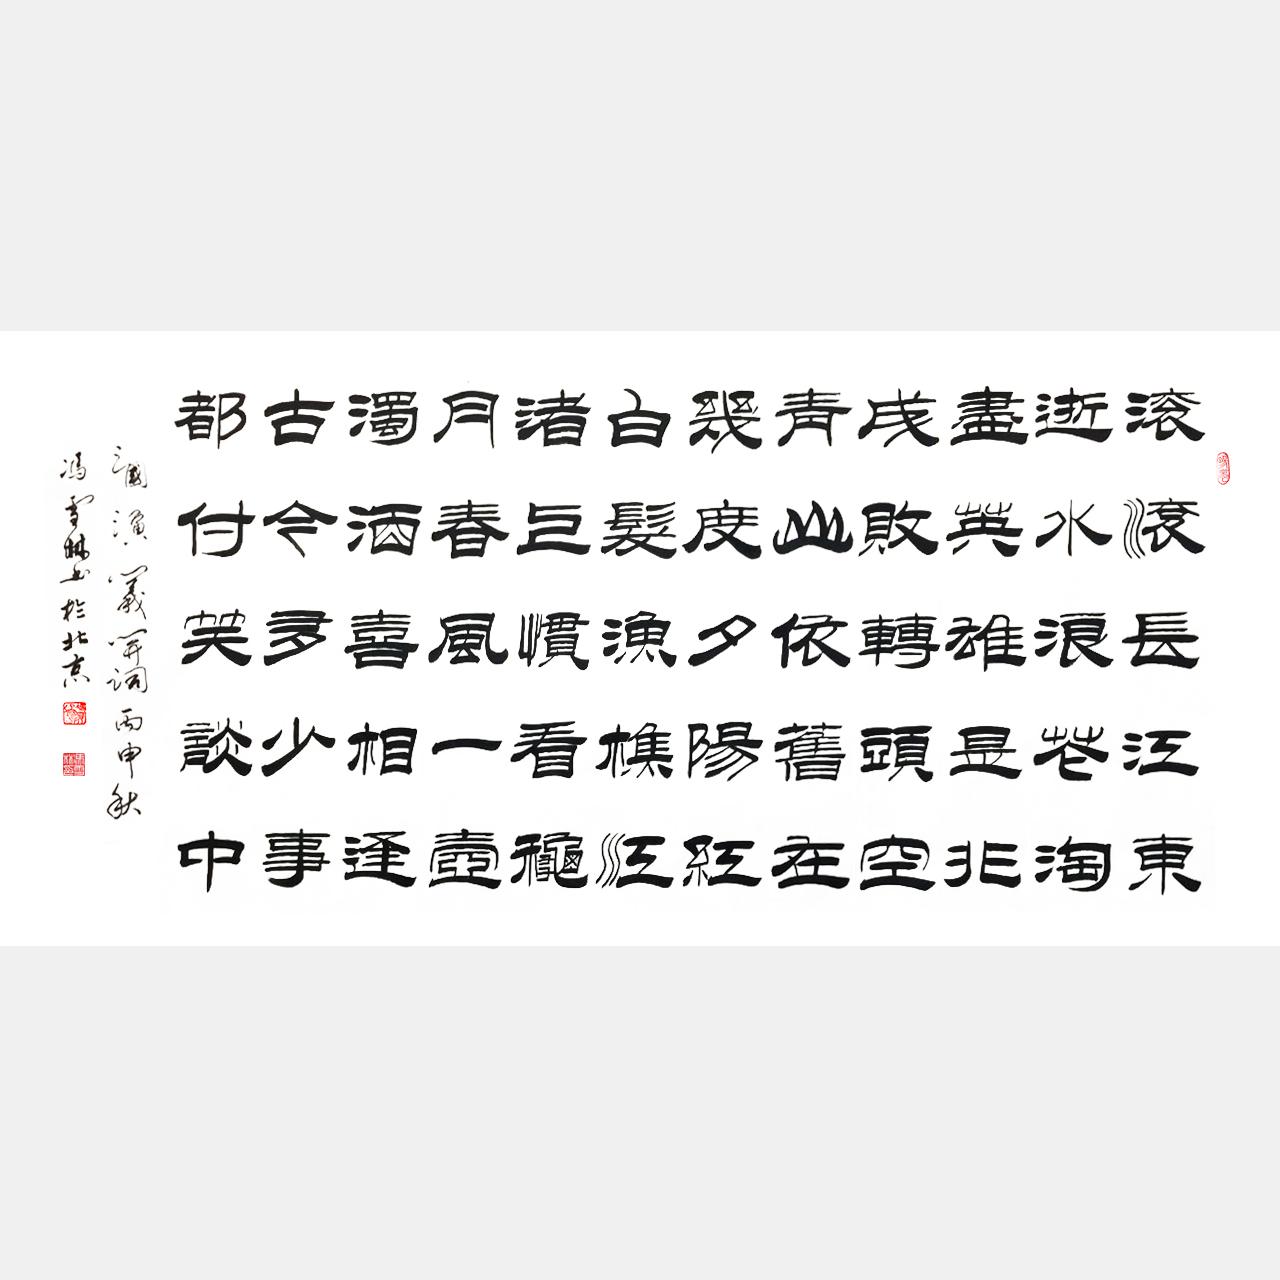 《三国演义开篇词》《临江仙・滚滚长江东逝水》隶书